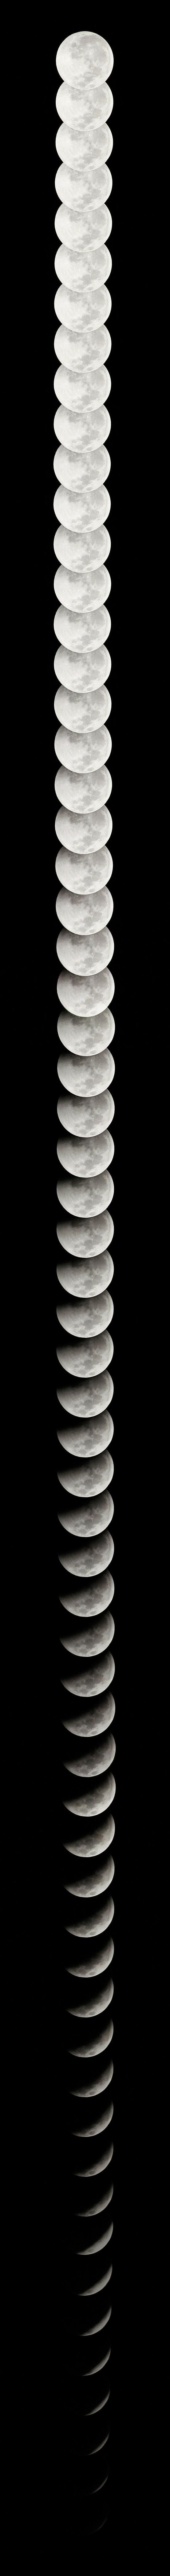 La Luna: 29 días, 12 horas, 43 minutos y 12 segundos  En esta magnífica composición fotográfica se puede apreciar de un vistazo lo que a la Luna, el Sol y la Tierra les lleva completar un mes lunar o sinódico (que tiene una duración media de 29 días, 12 horas, 43 minutos y 12 segundos) en su viaje por el espacio.